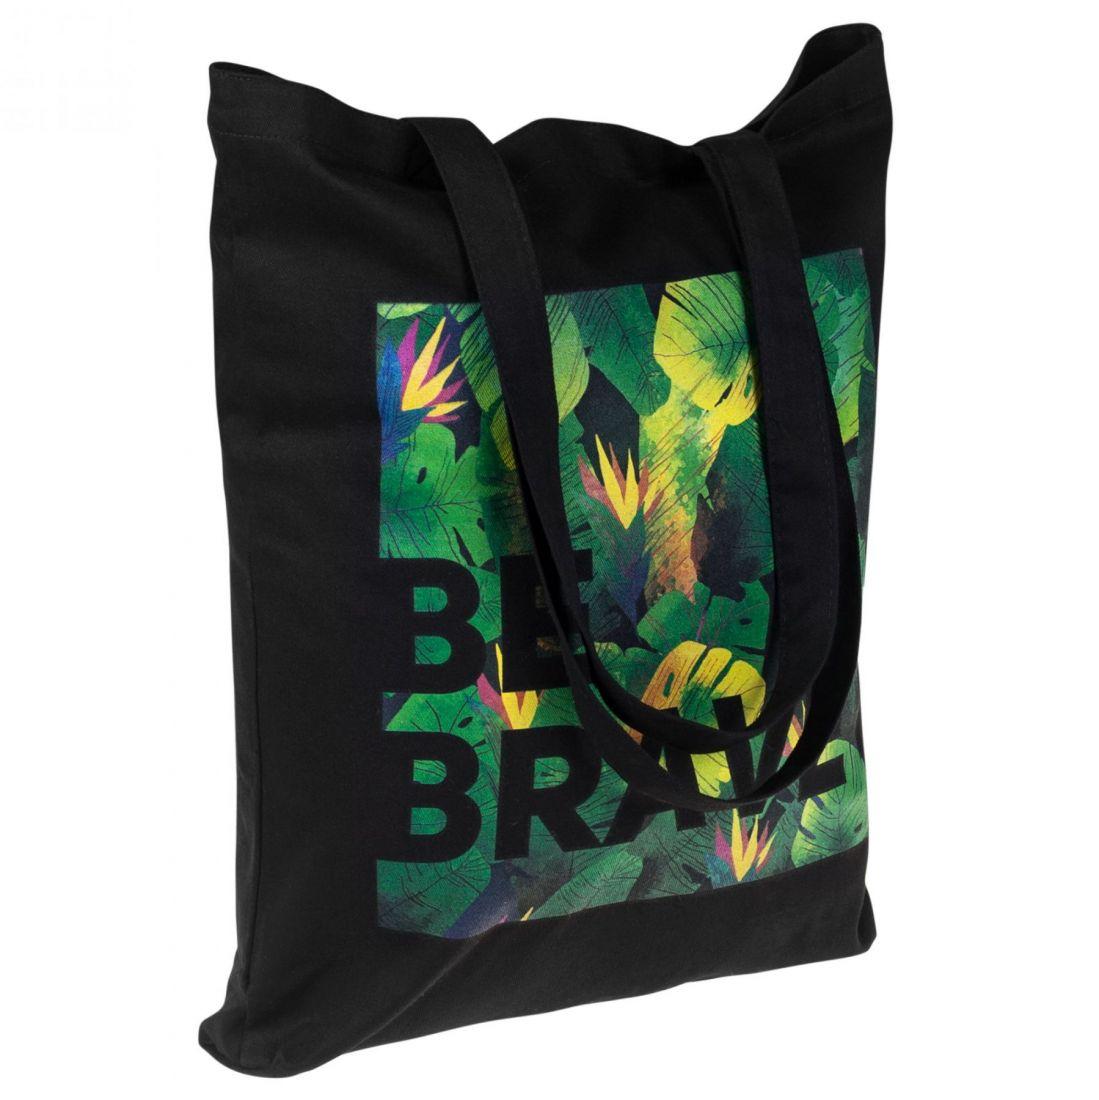 Холщовая сумка «Будь храбрым!»